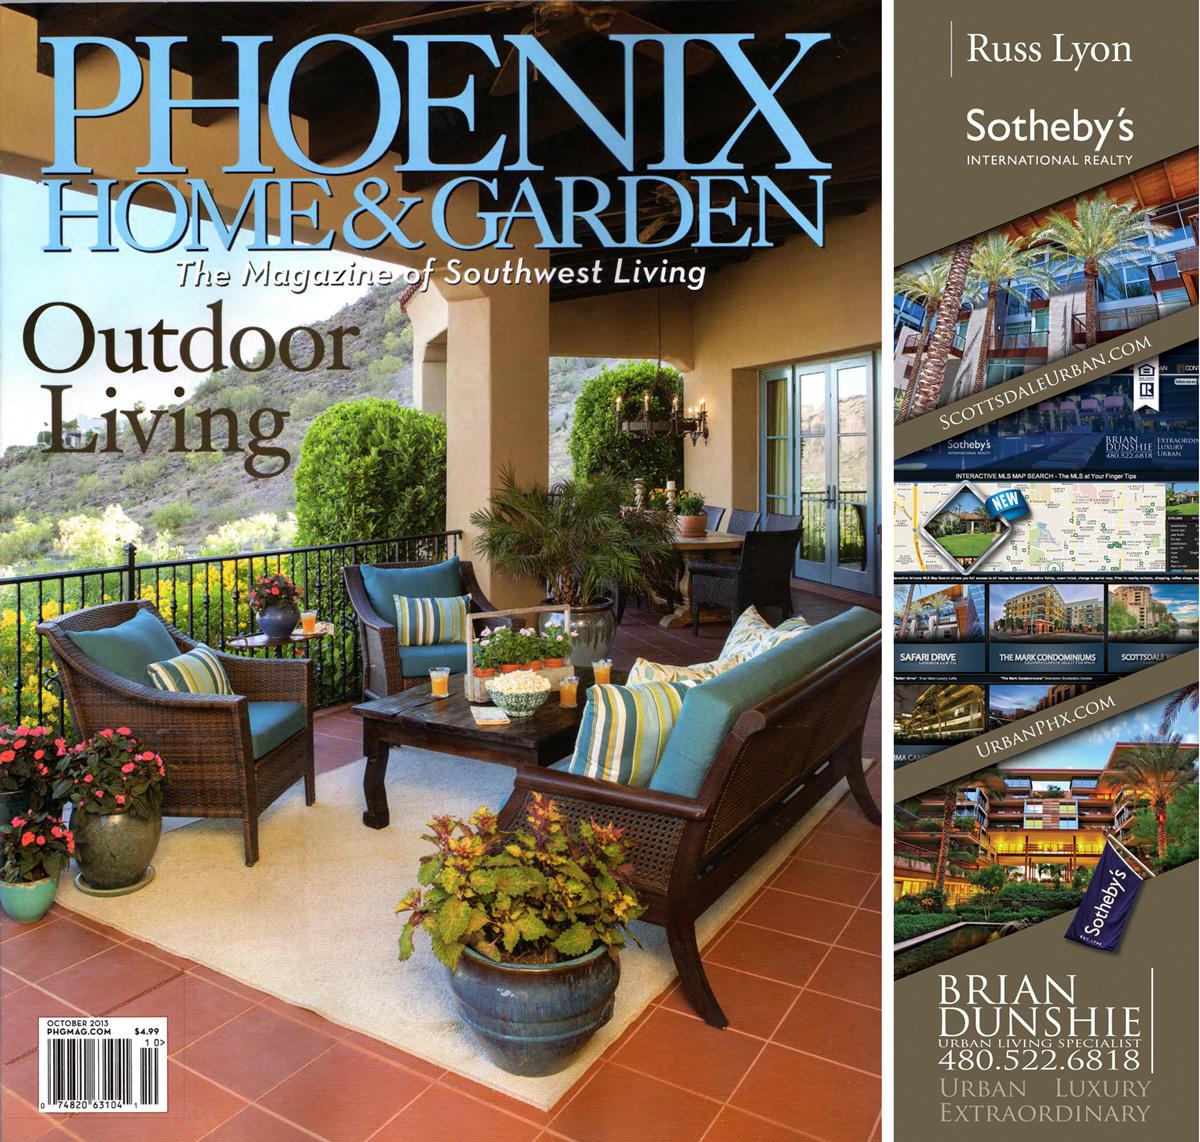 Wonderful Phoenix Home And Garden Magazine #1: Phoenix_home_garden.jpg